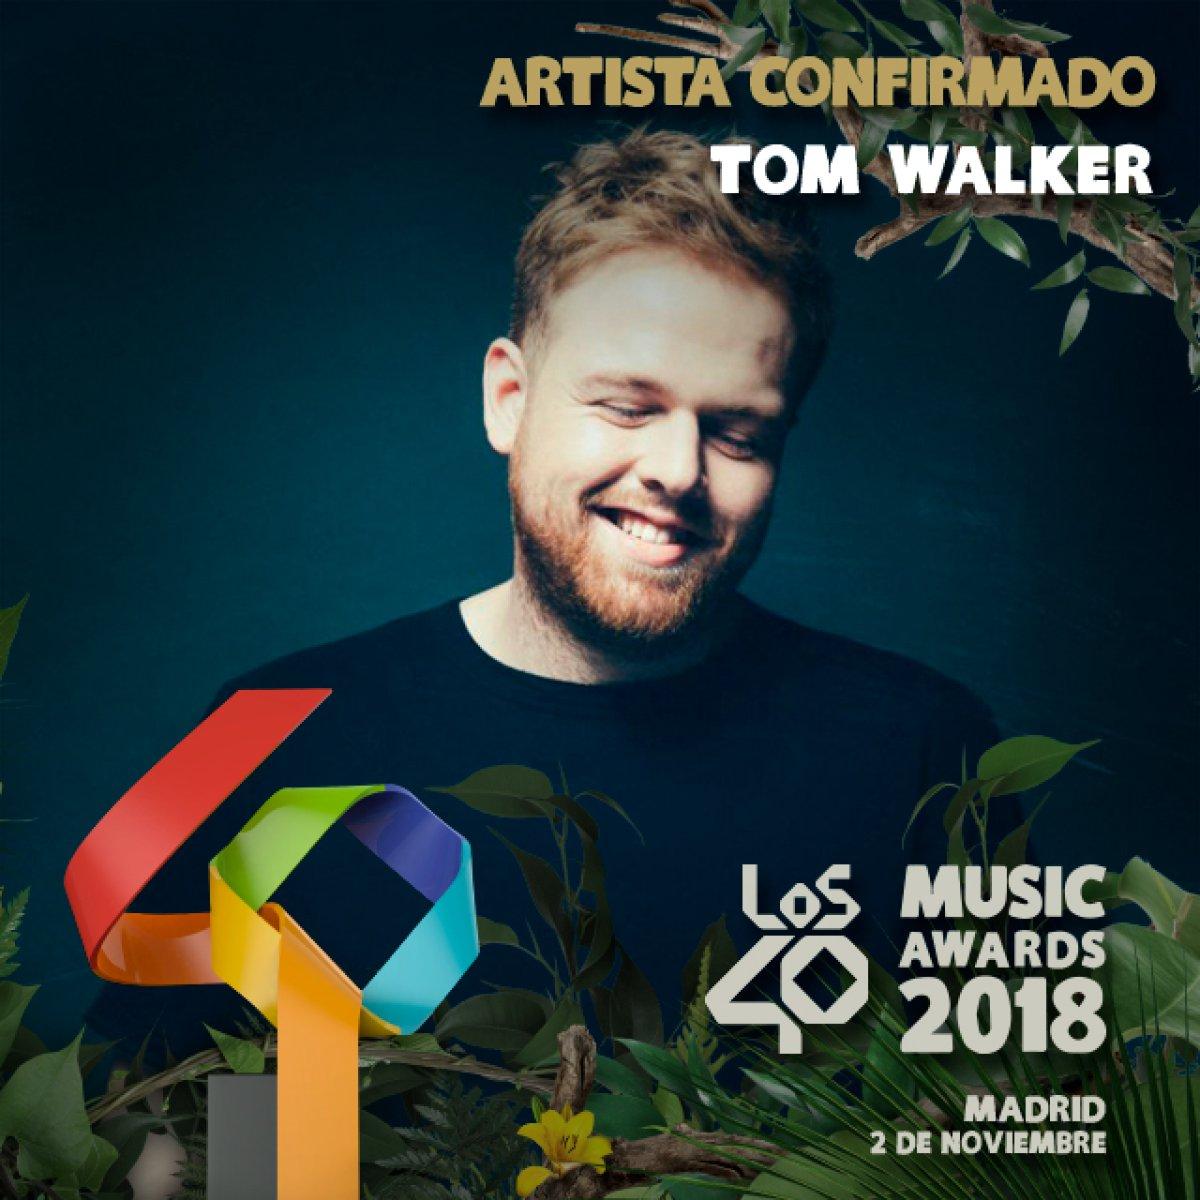 ¡Estos son los shows confirmados para LOS40 Music Awards!